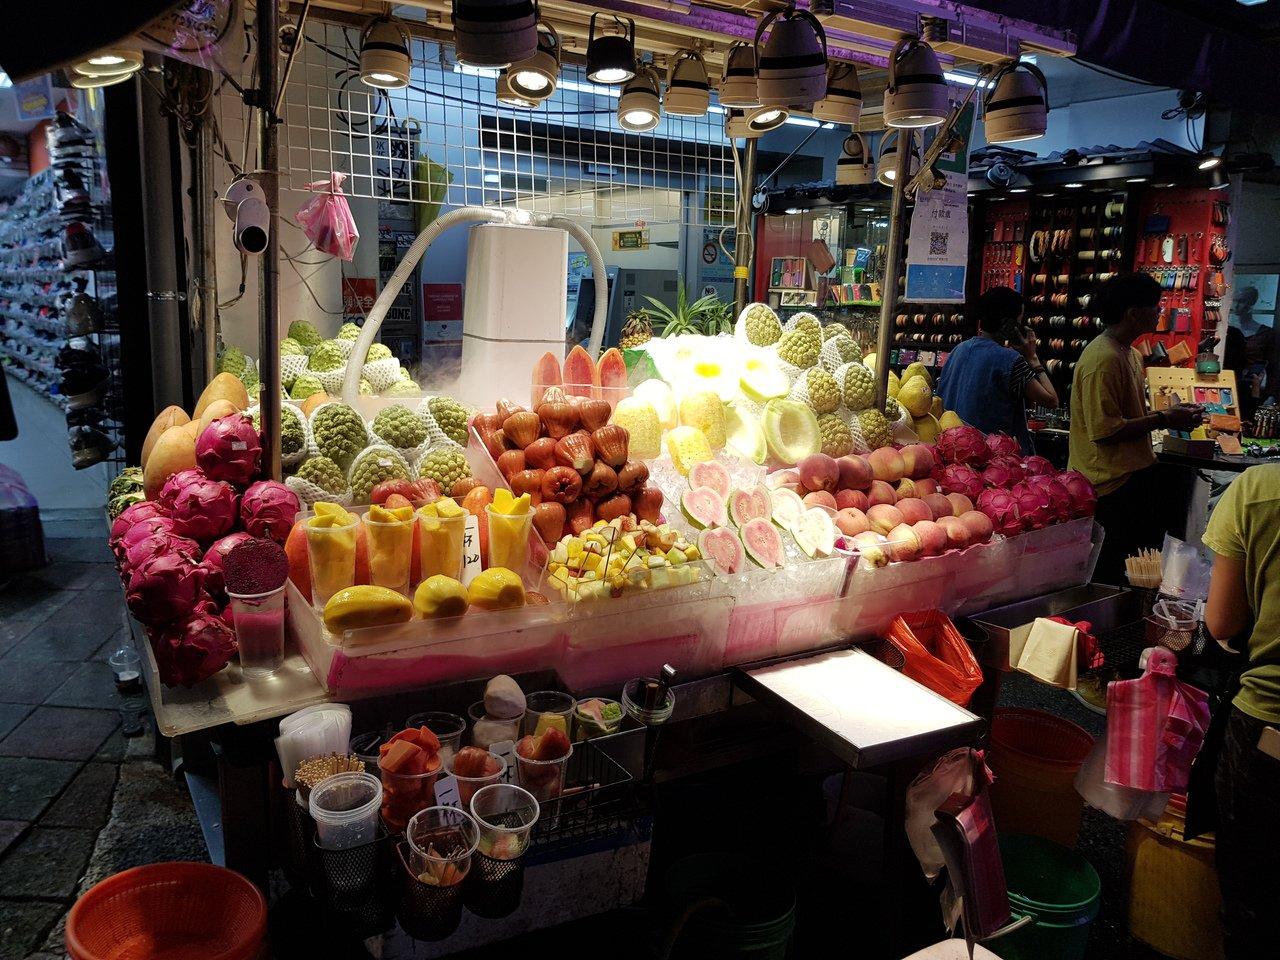 士林夜市昨又傳出現切水果攤坑殺觀光客的情況。記者翁浩然/攝影